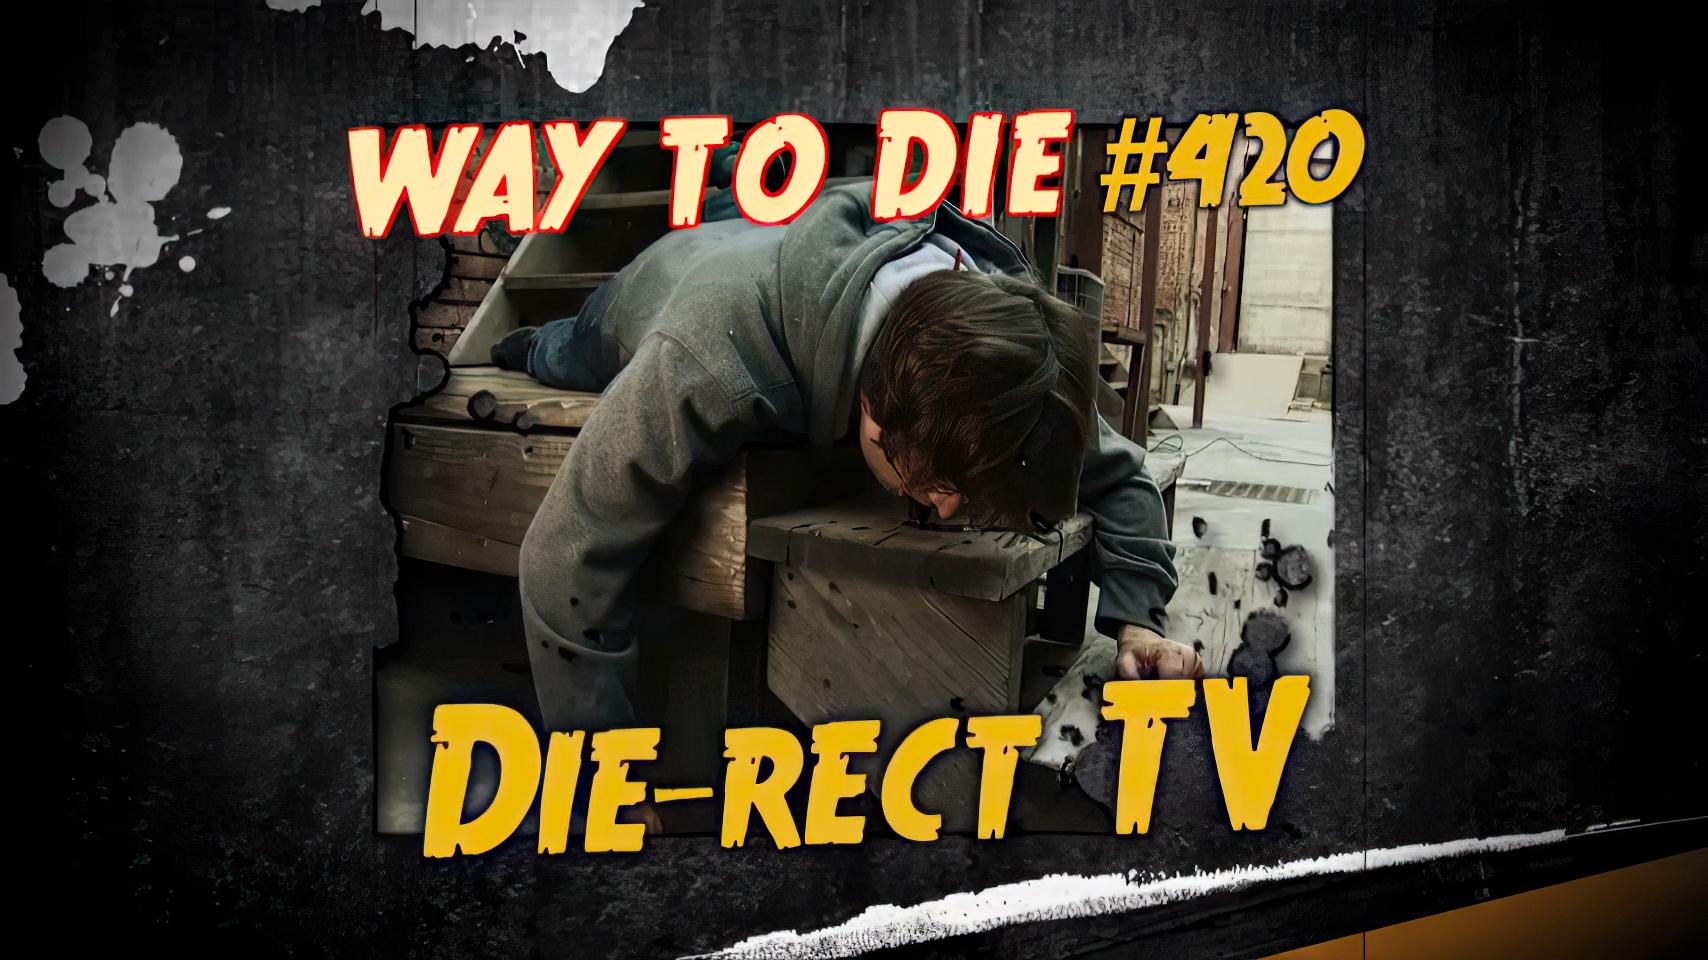 Die-rect TV